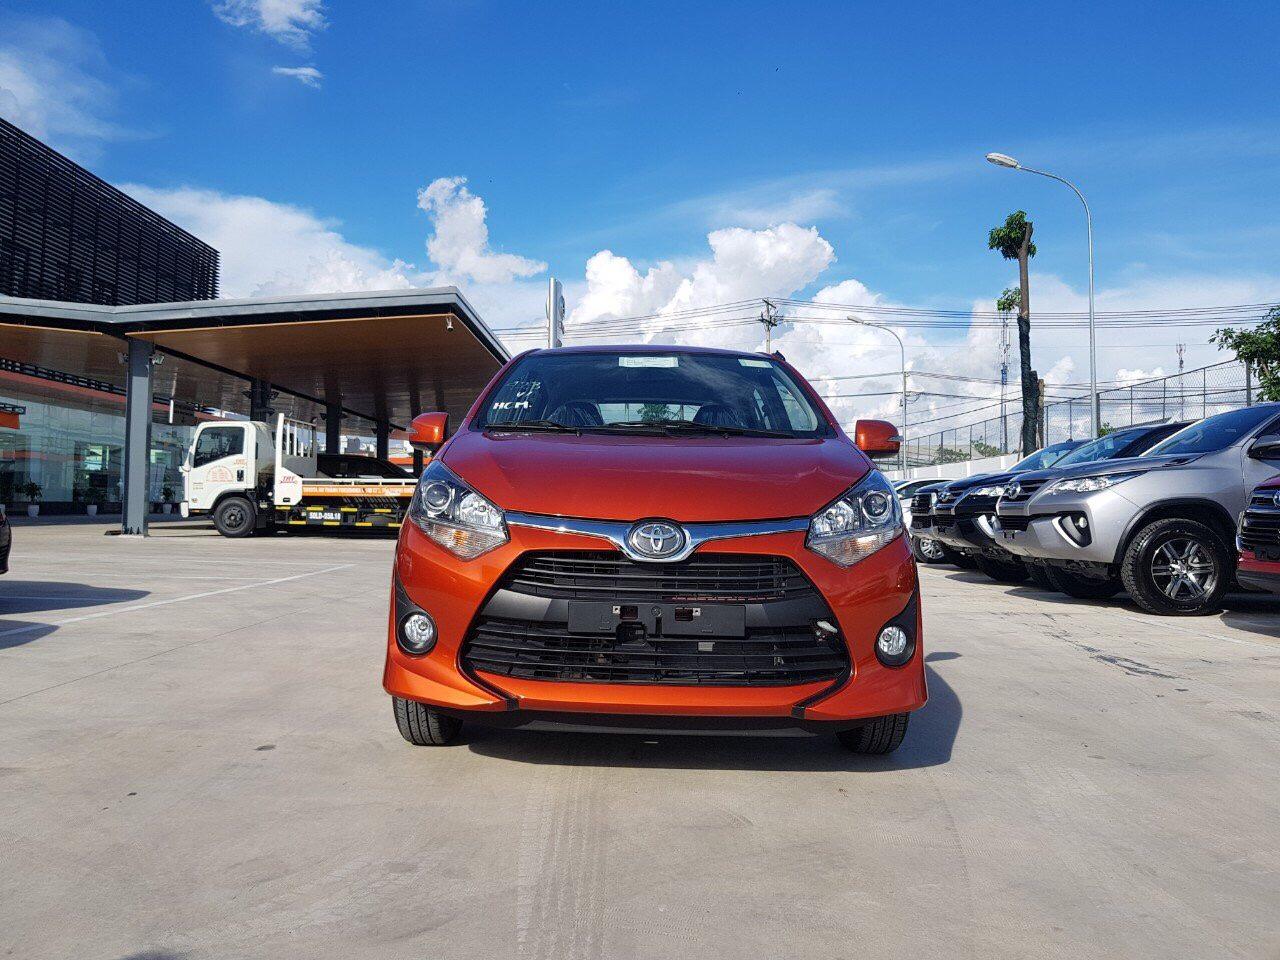 Toyota Wigo ảnh 7 - Toyota Wigo: giá xe và khuyến mãi tháng [hienthithang]/[hienthinam]